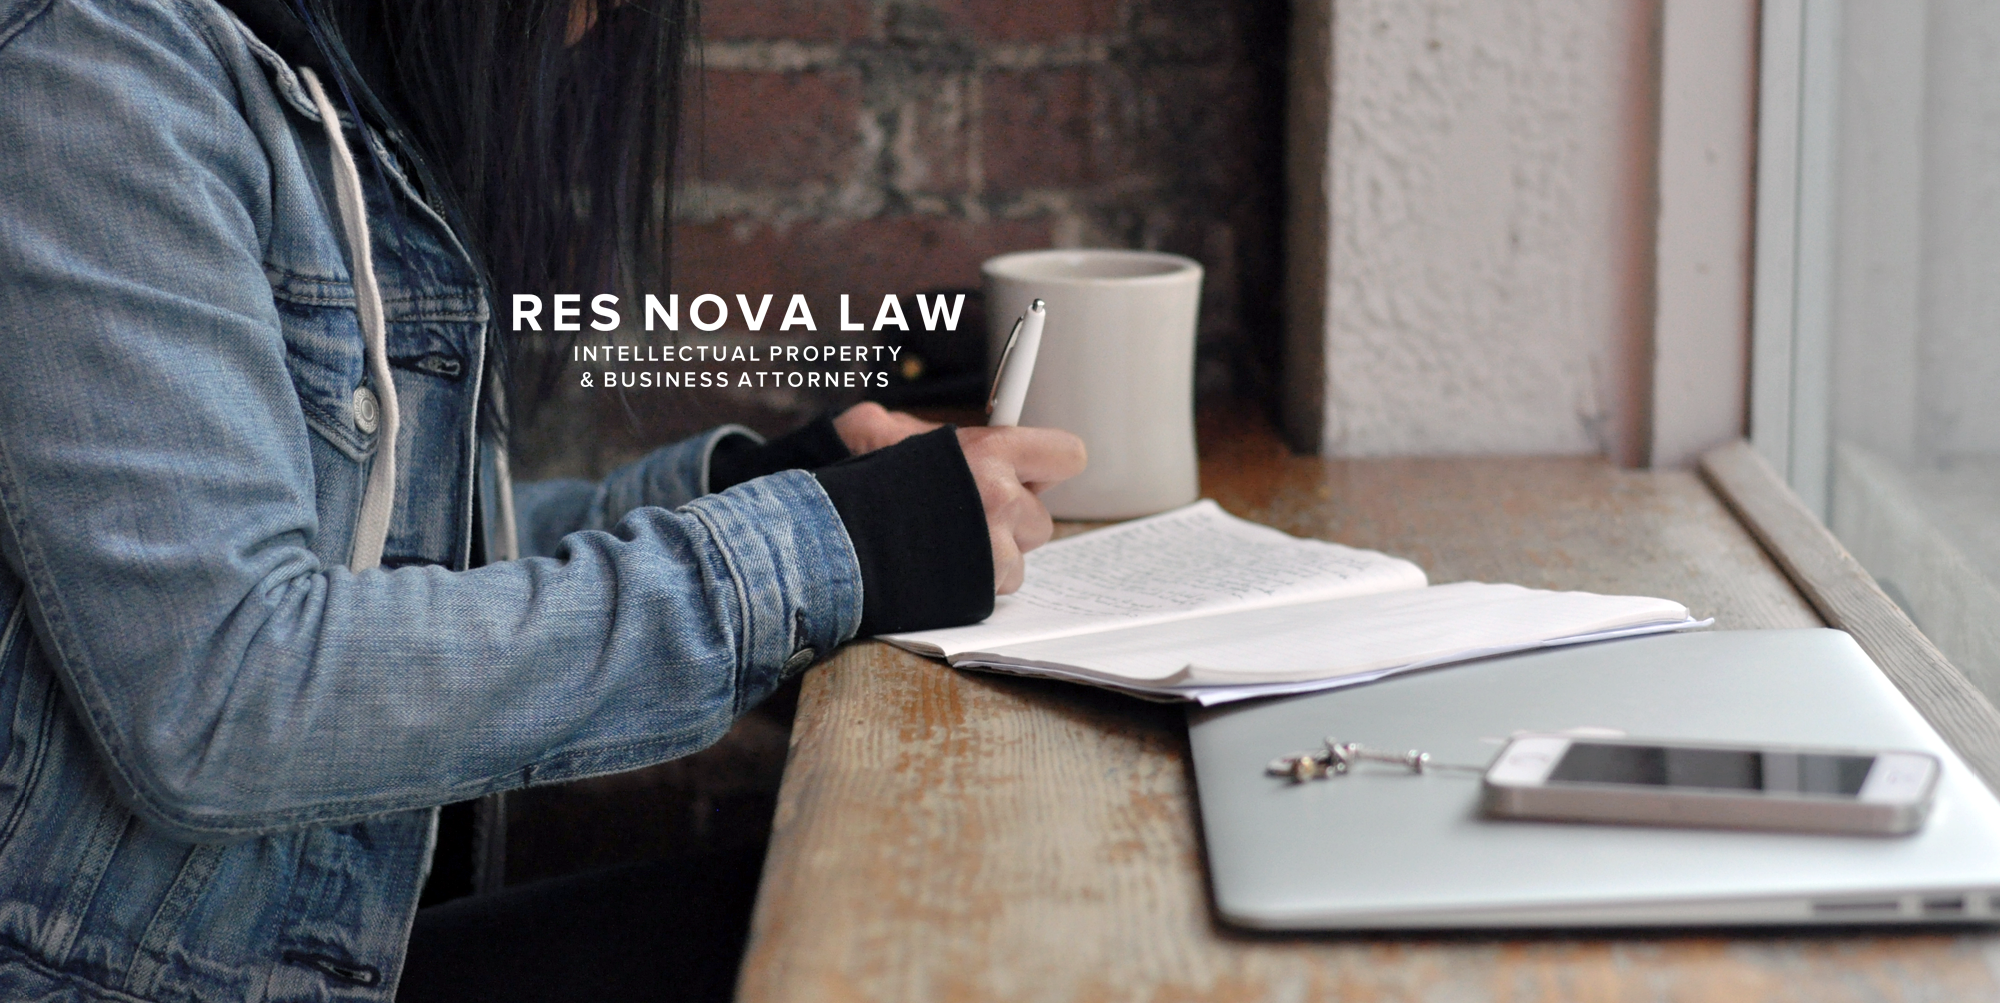 Res Nova Law